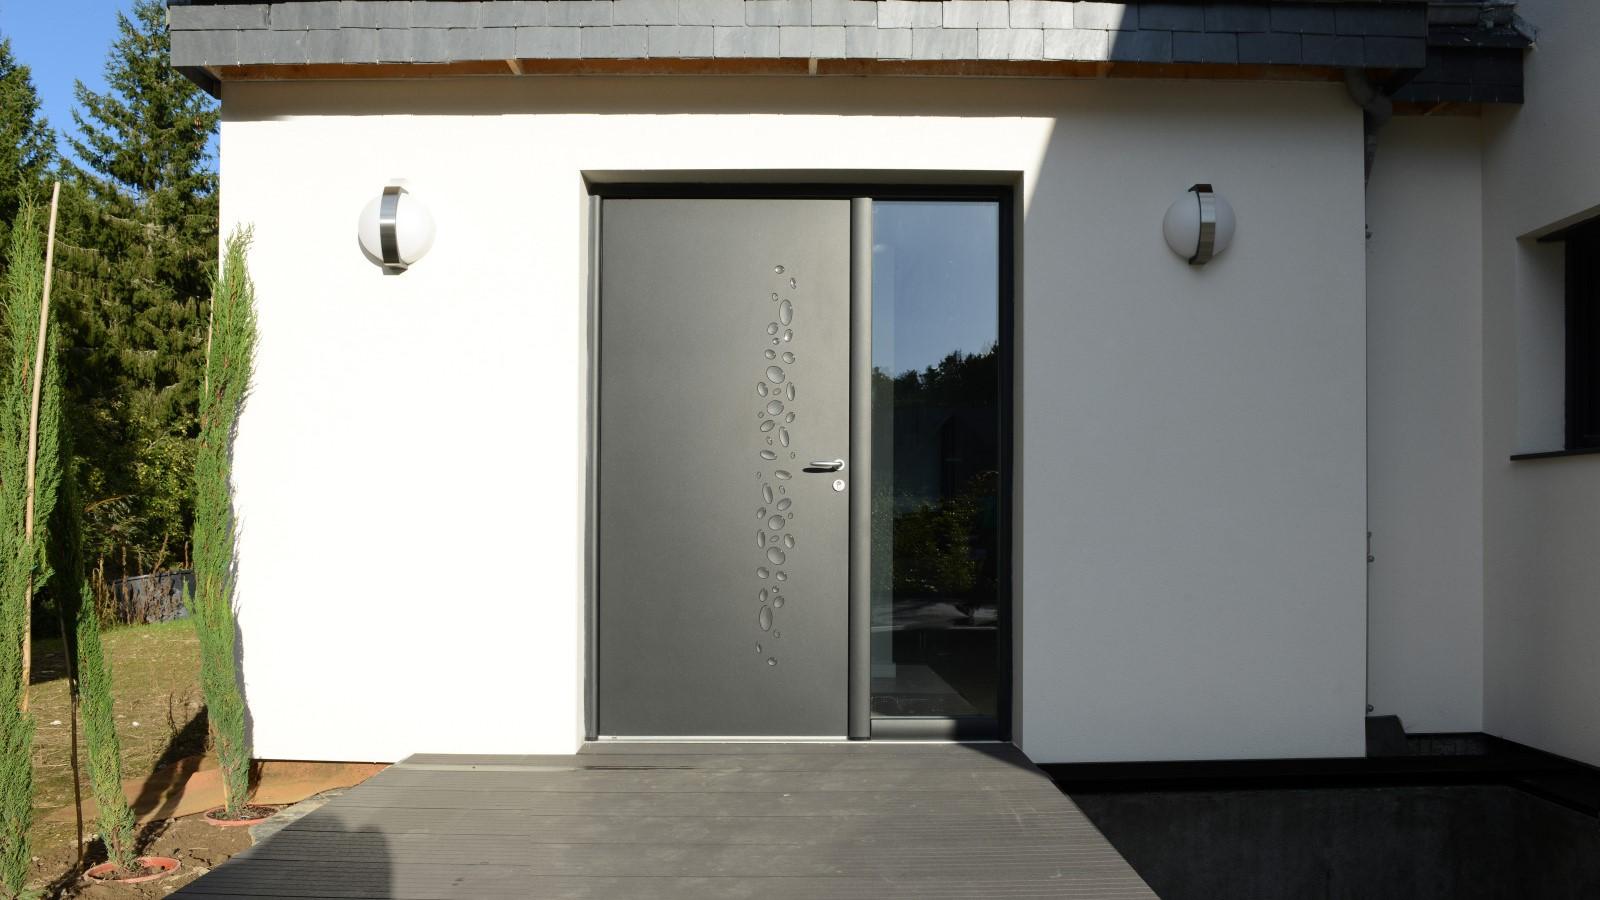 Sas D Entrée Interieur portes d'entrée aluminium sur-mesure | komilfo